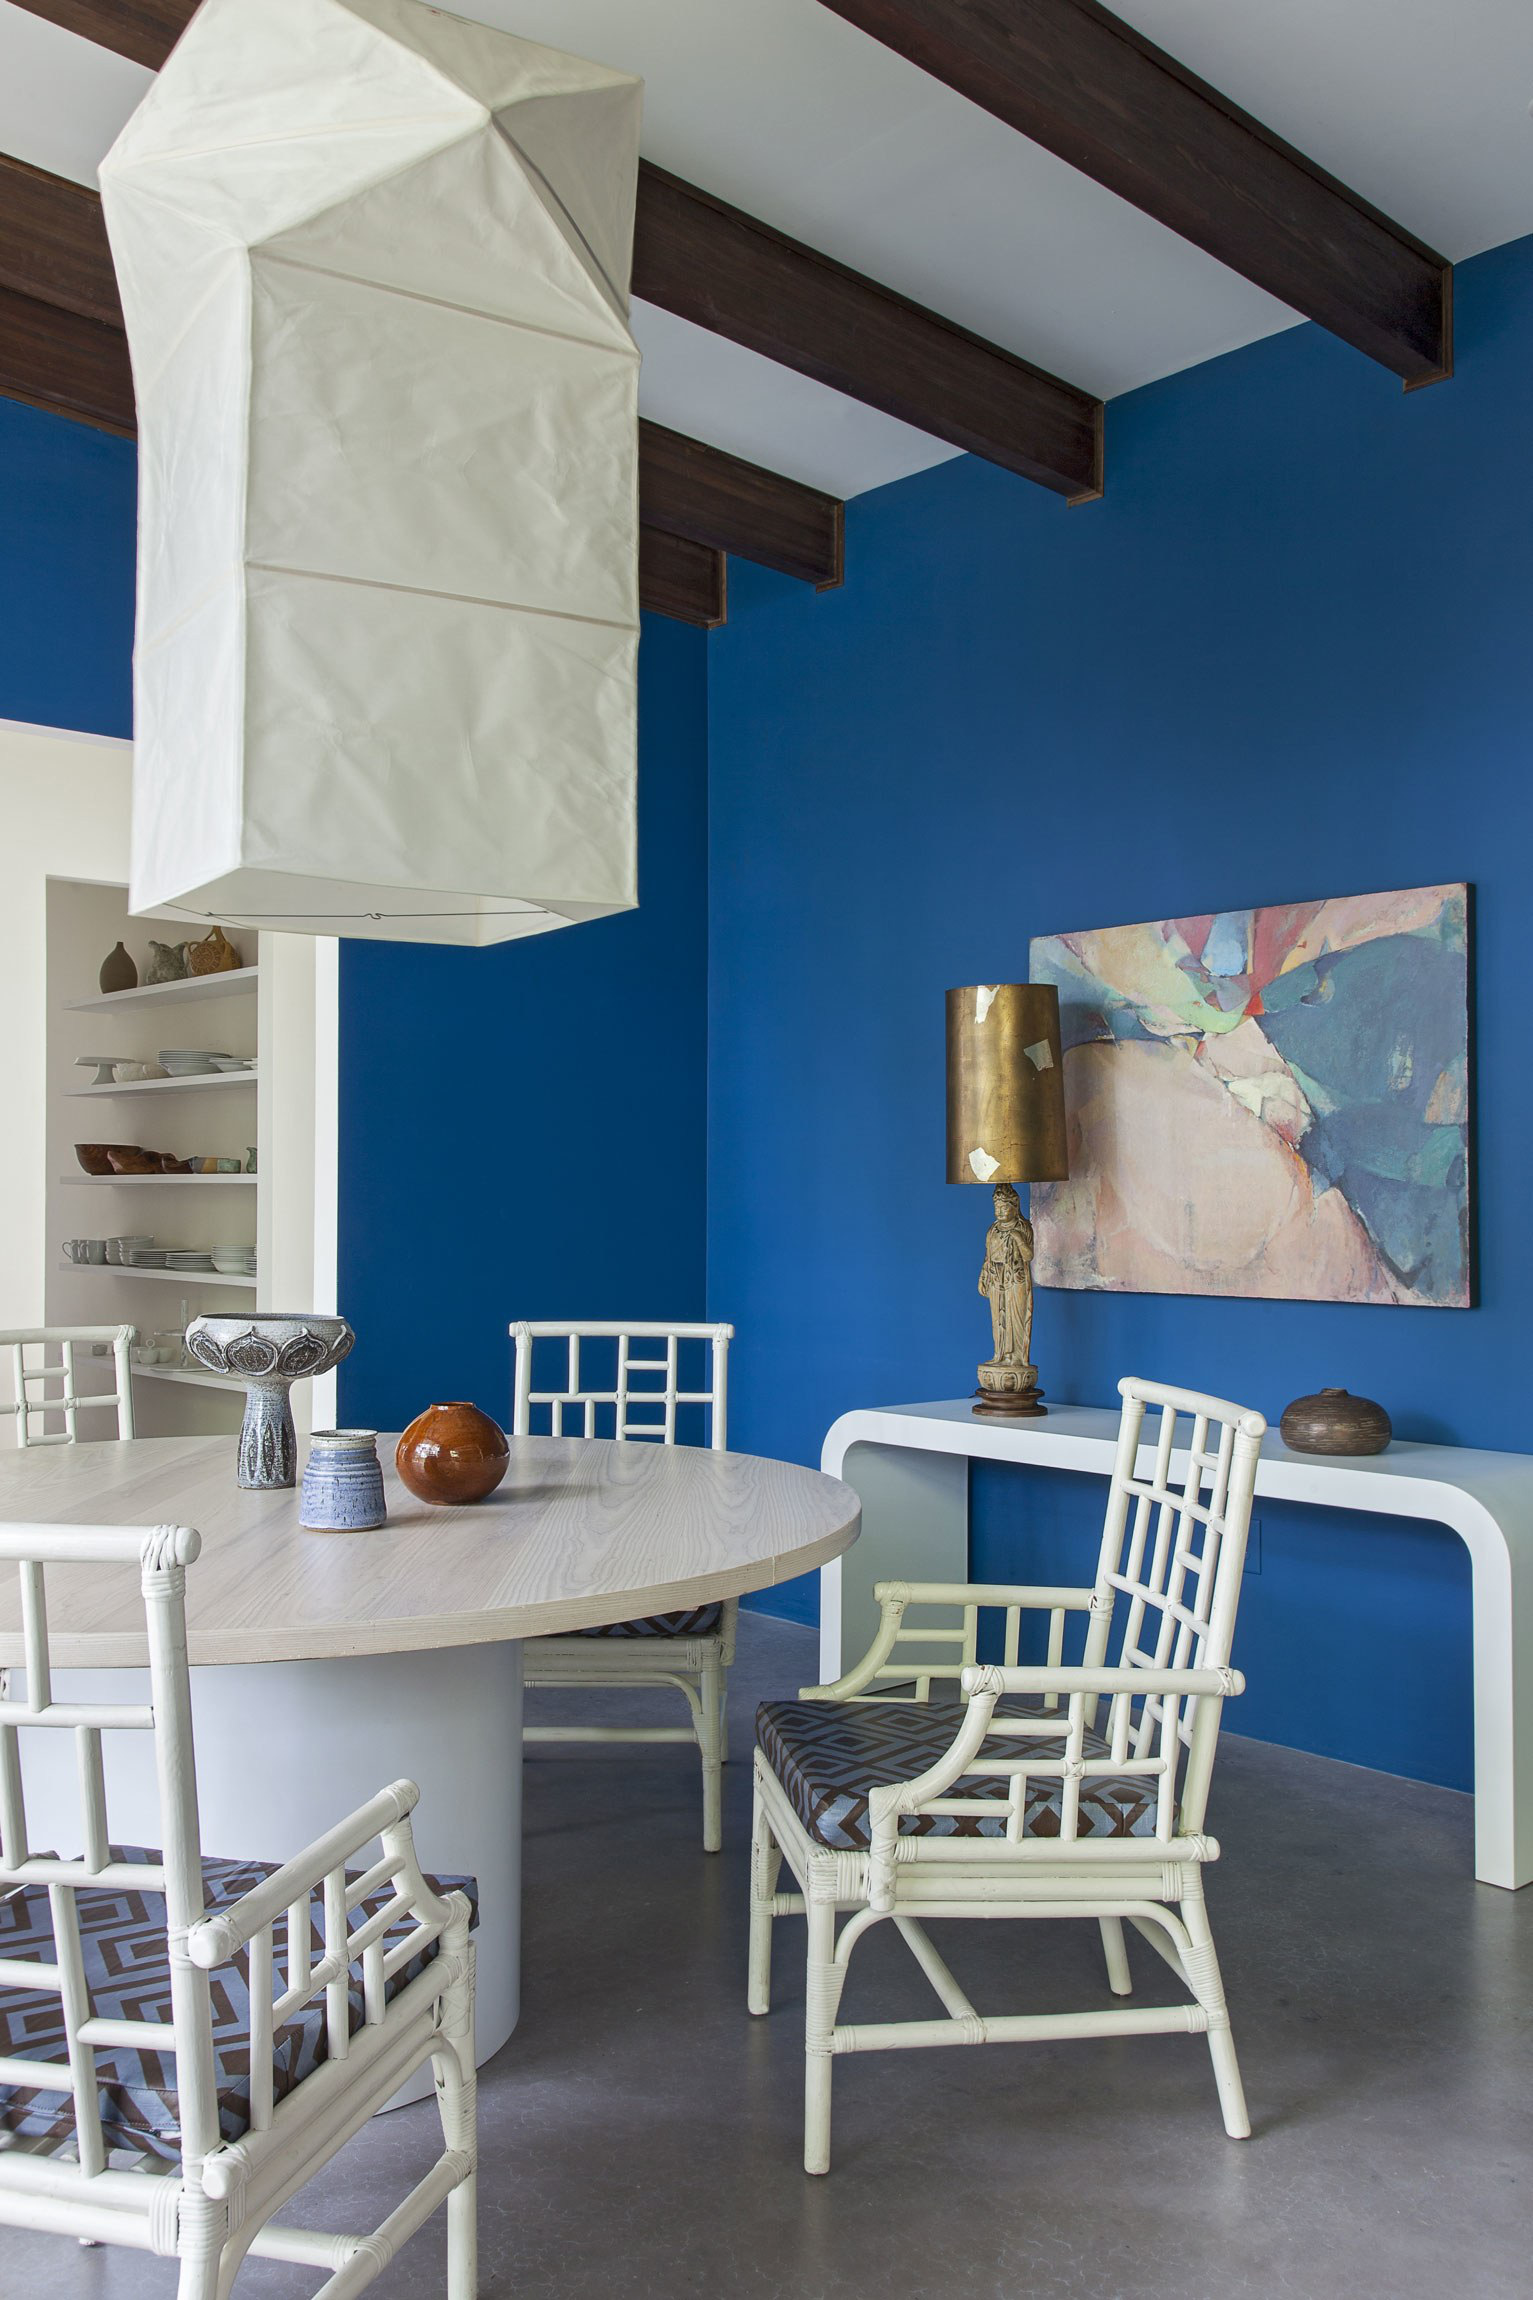 Luôn có ít nhất một lý do để bạn lựa chọn bàn ăn tròn cho ngôi nhà nhỏ của gia đình - Ảnh 16.